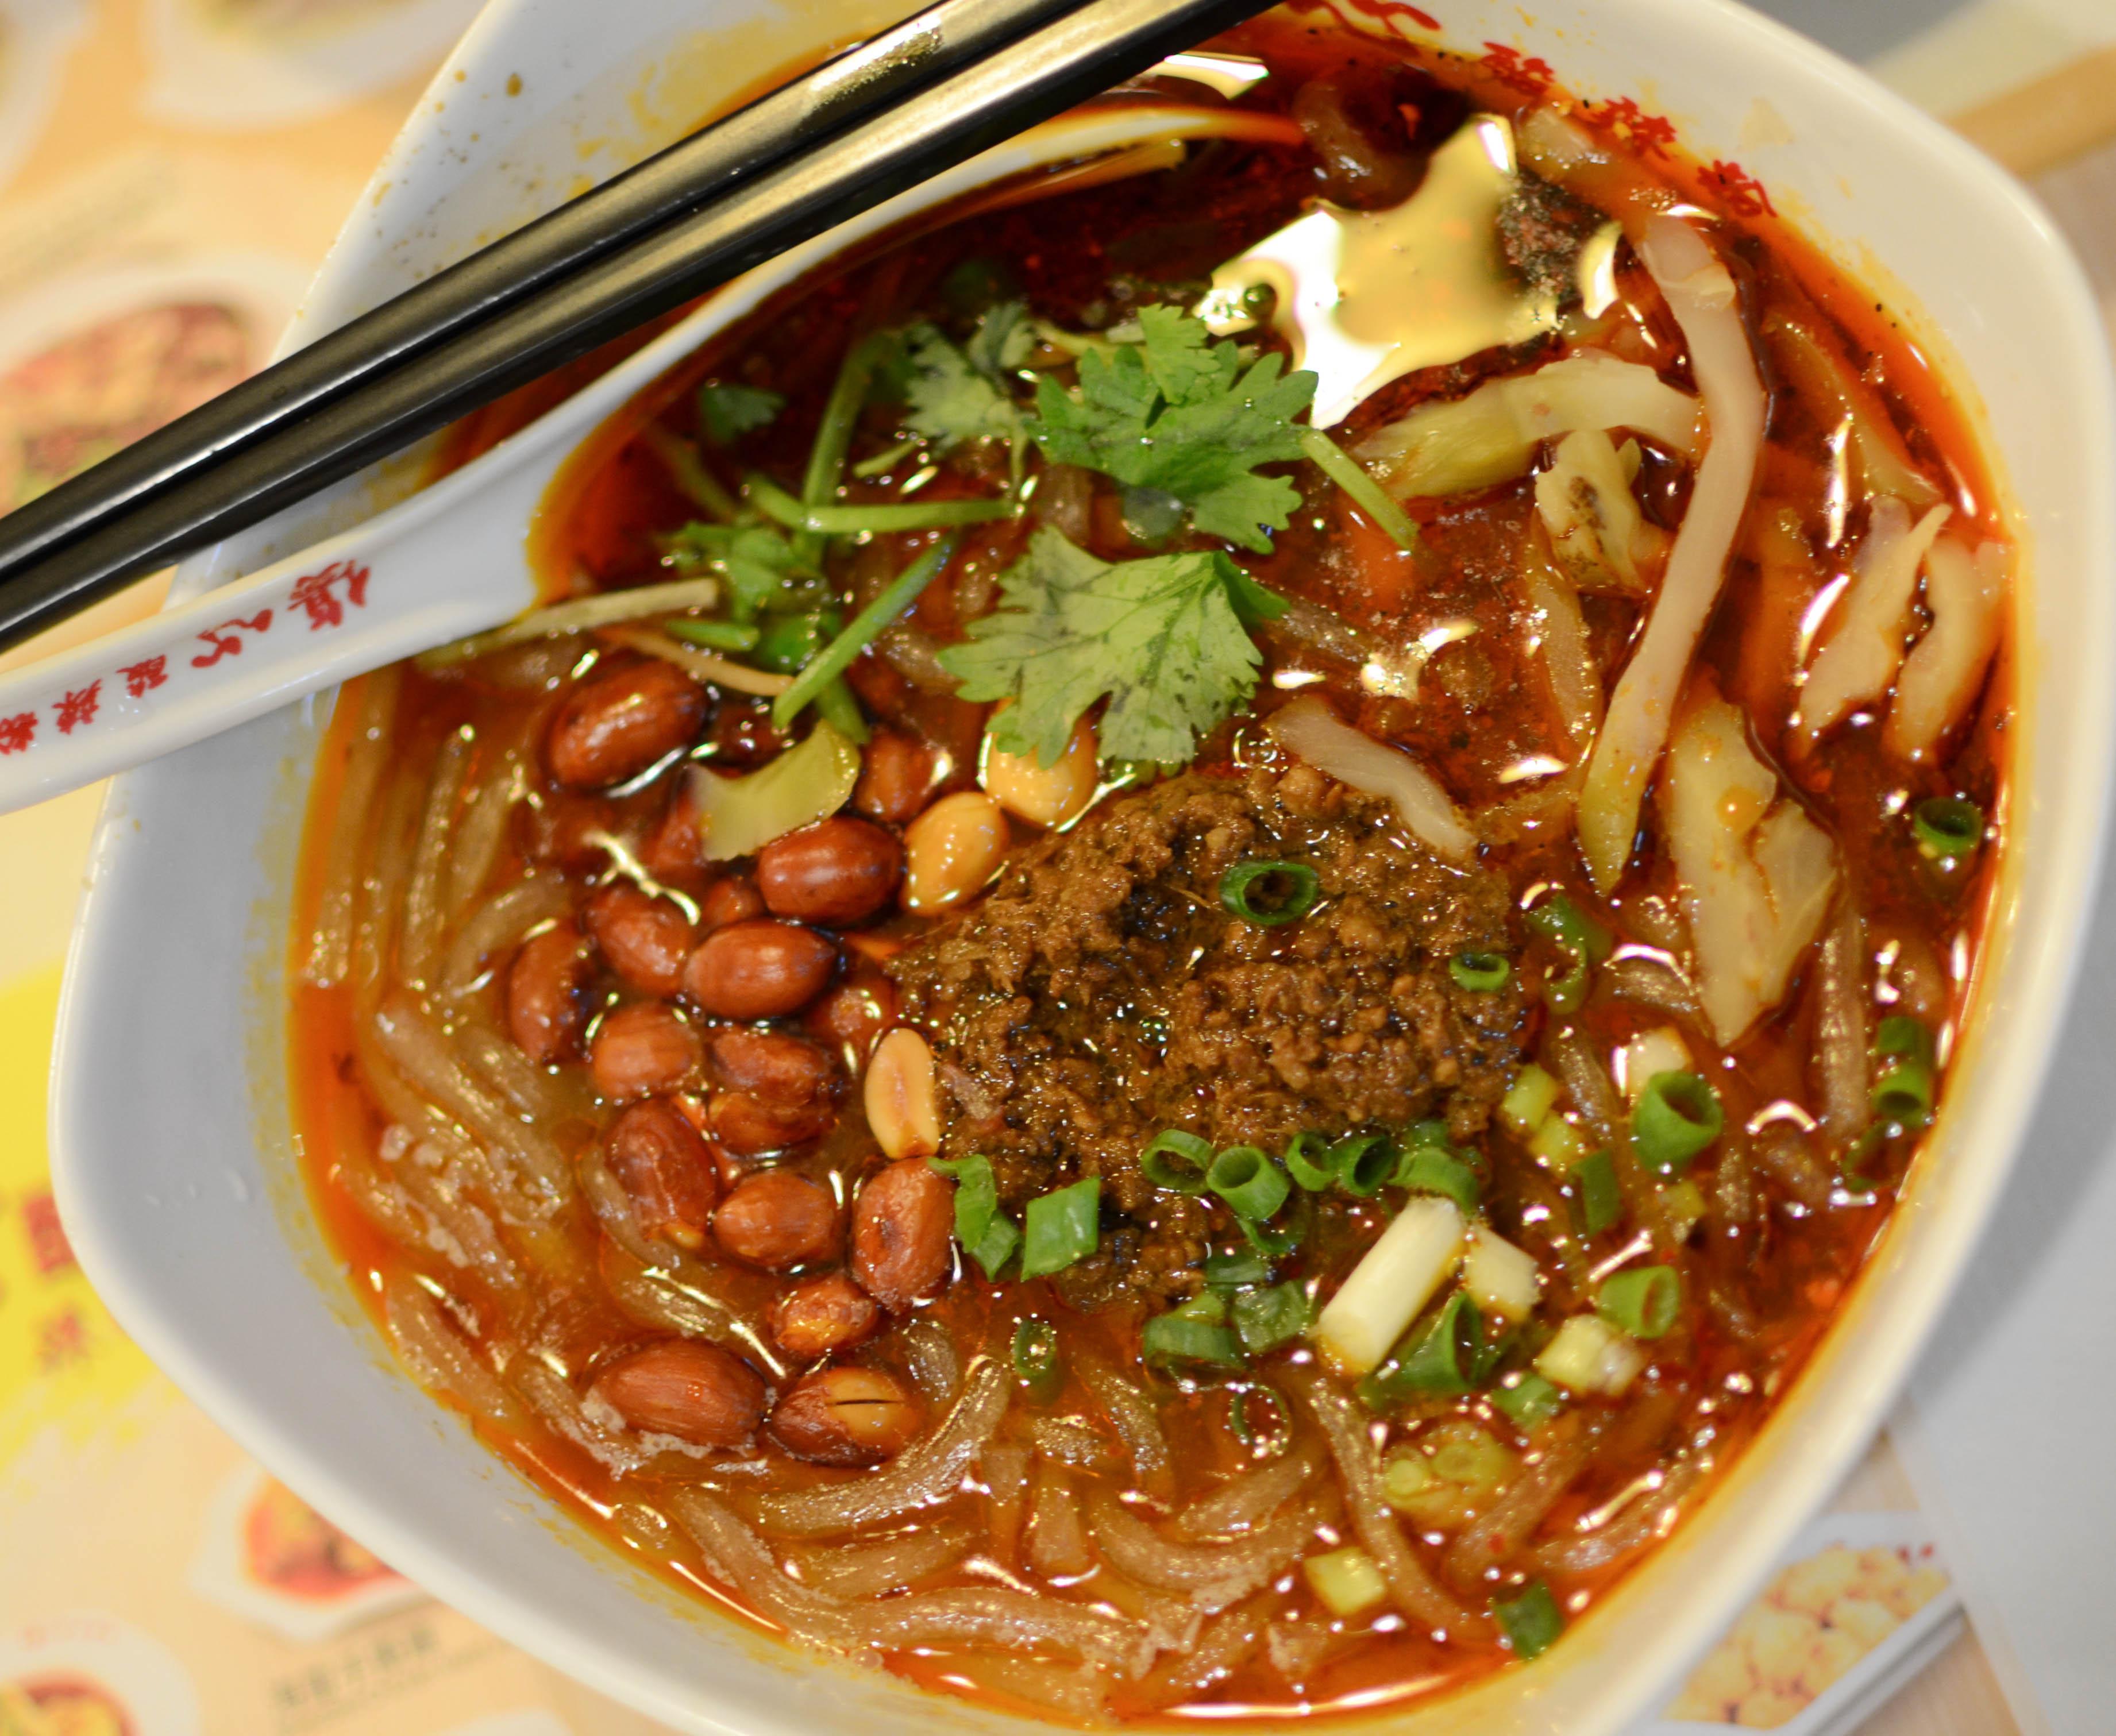 Sad Sour Spicy Noodles